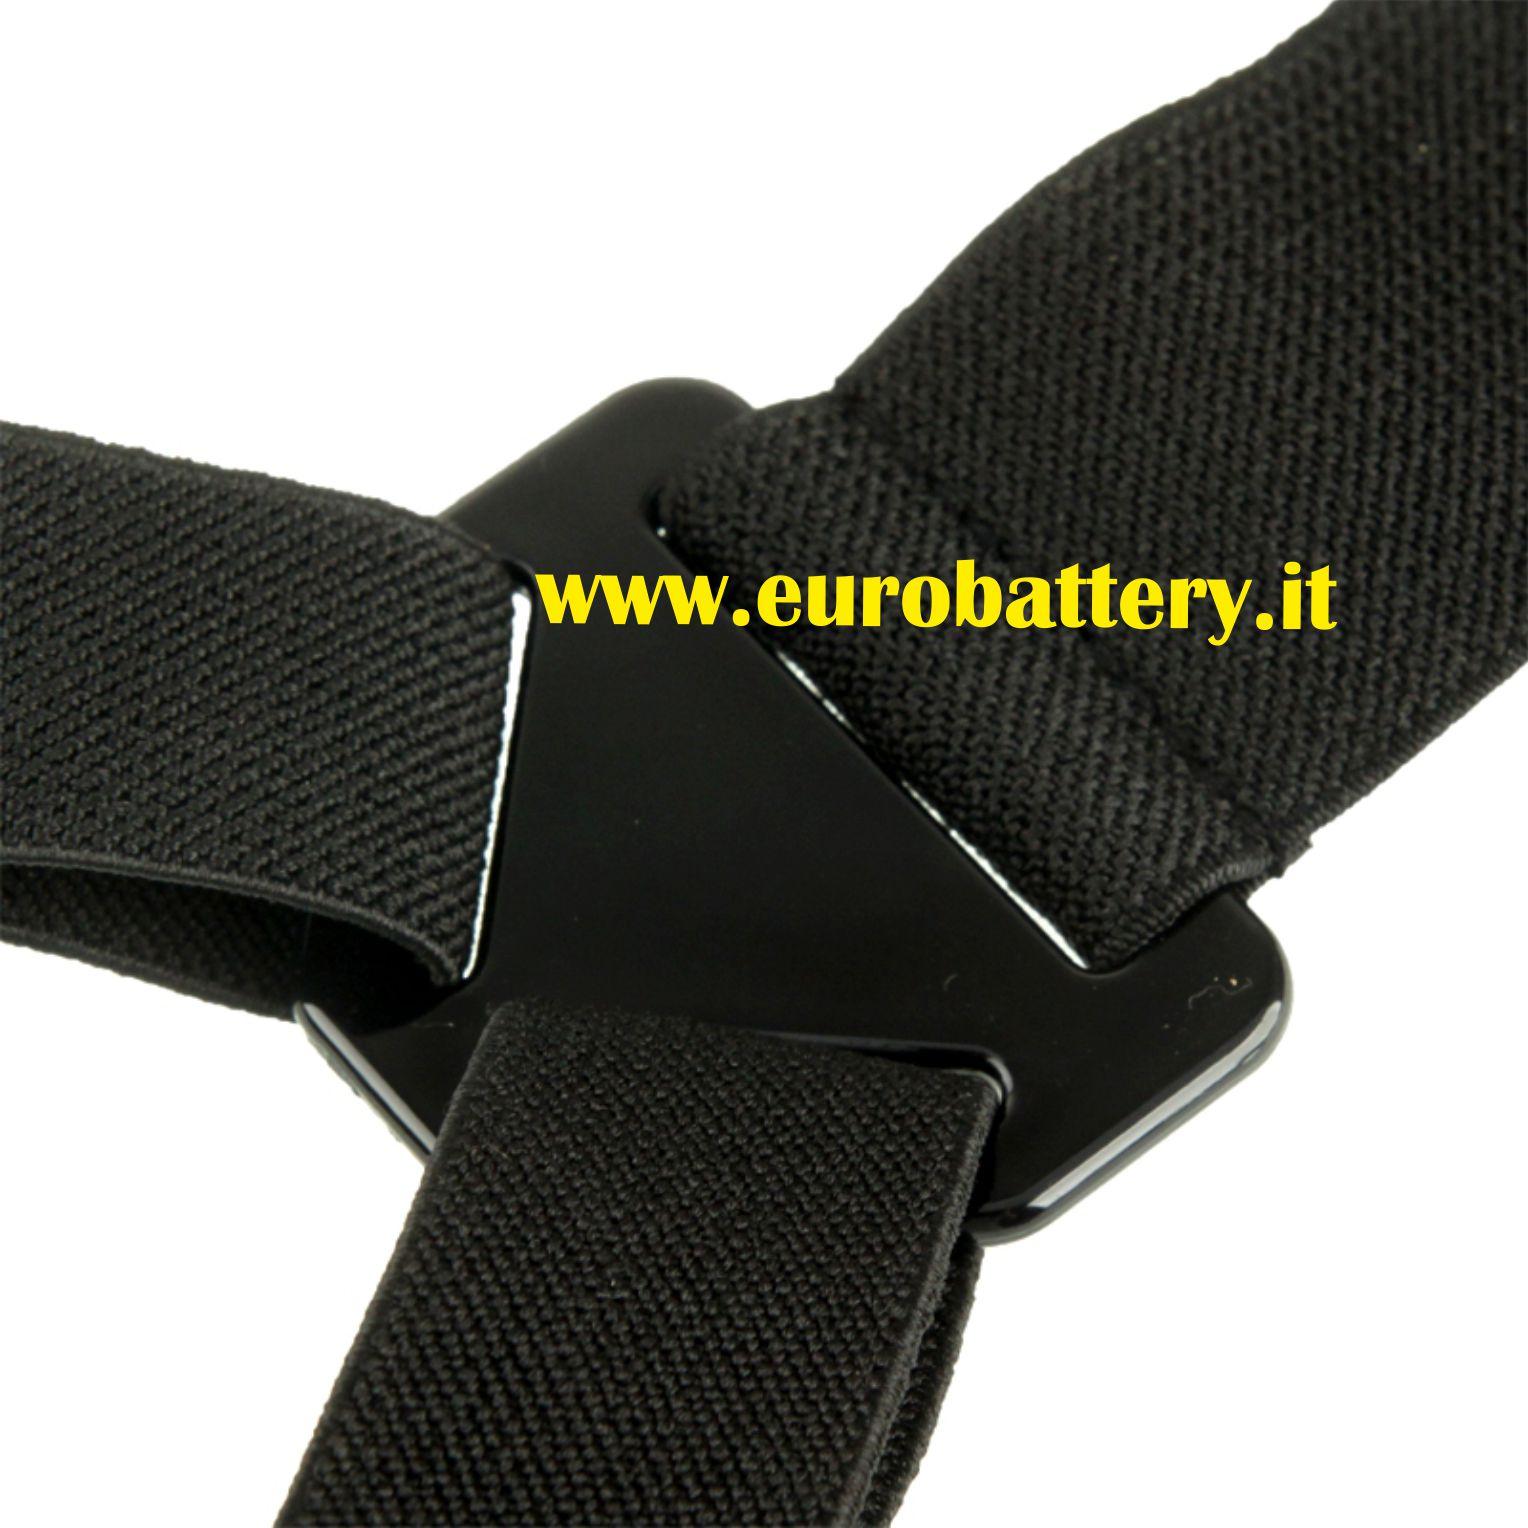 http://www.eurobattery.it/Foto-ebay/GoPro/ST-27/ST-27-4-.jpg